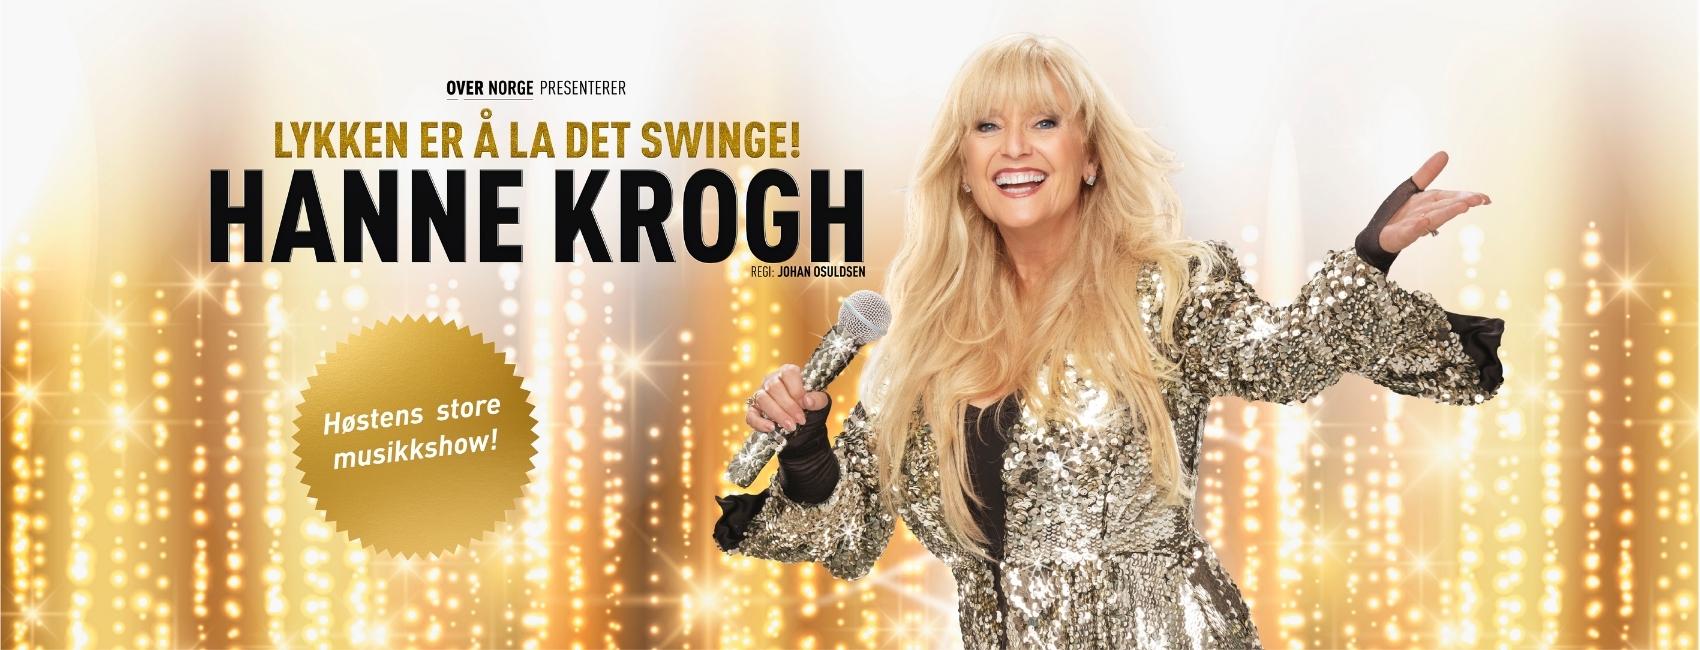 Hanne-Krogh-Edderkoppen-Scene-Oslo-lykken-er-å-la-det-swinge